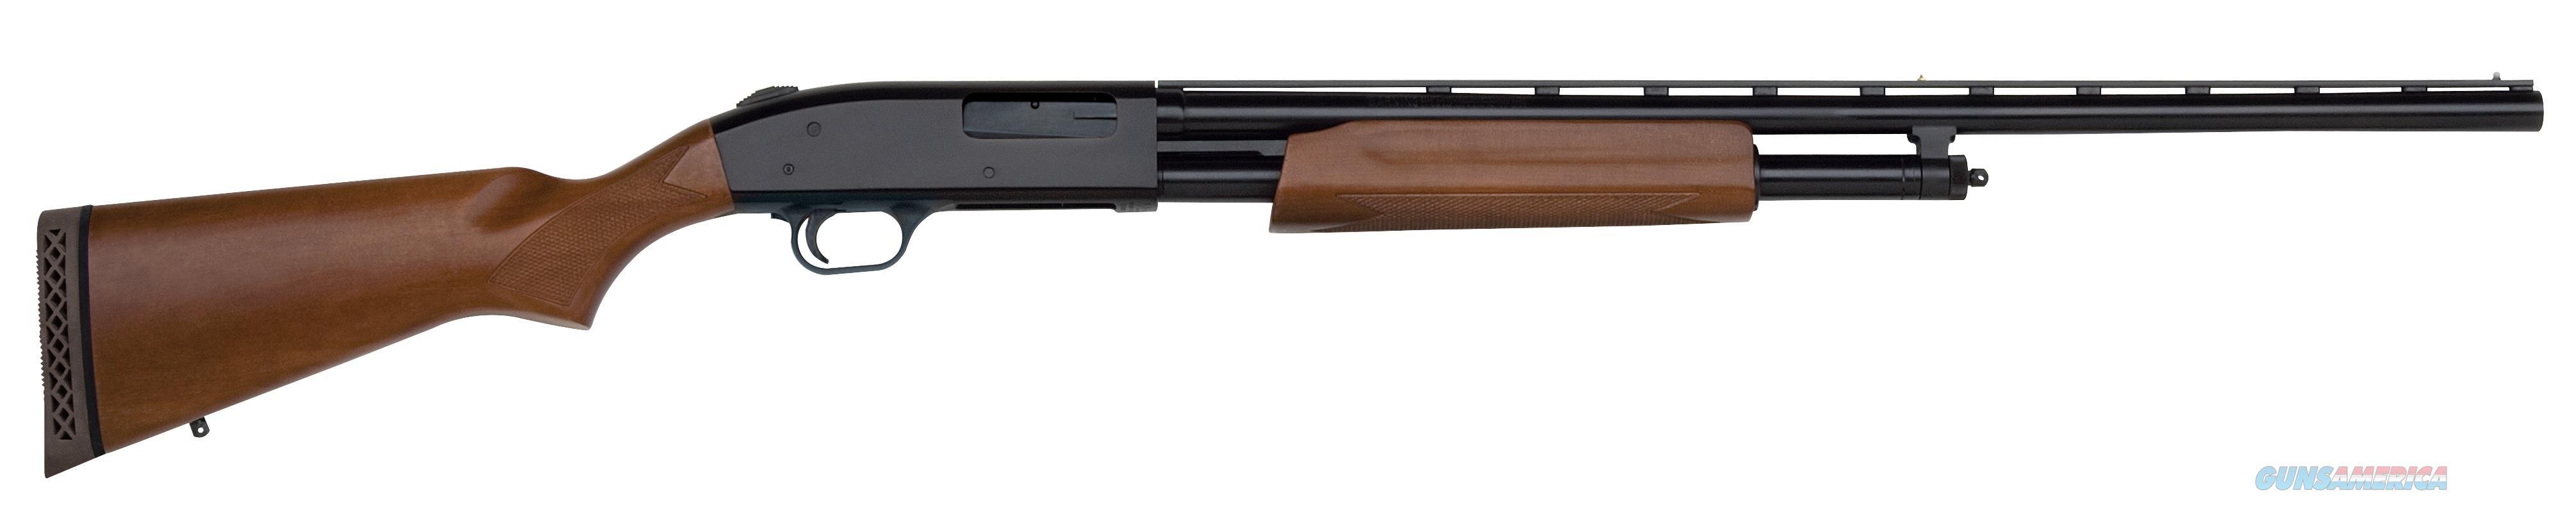 """Mossberg 500 All Purpose Field 20 Gauge 26"""" 50136  Guns > Shotguns > Mossberg Shotguns > Pump > Sporting"""